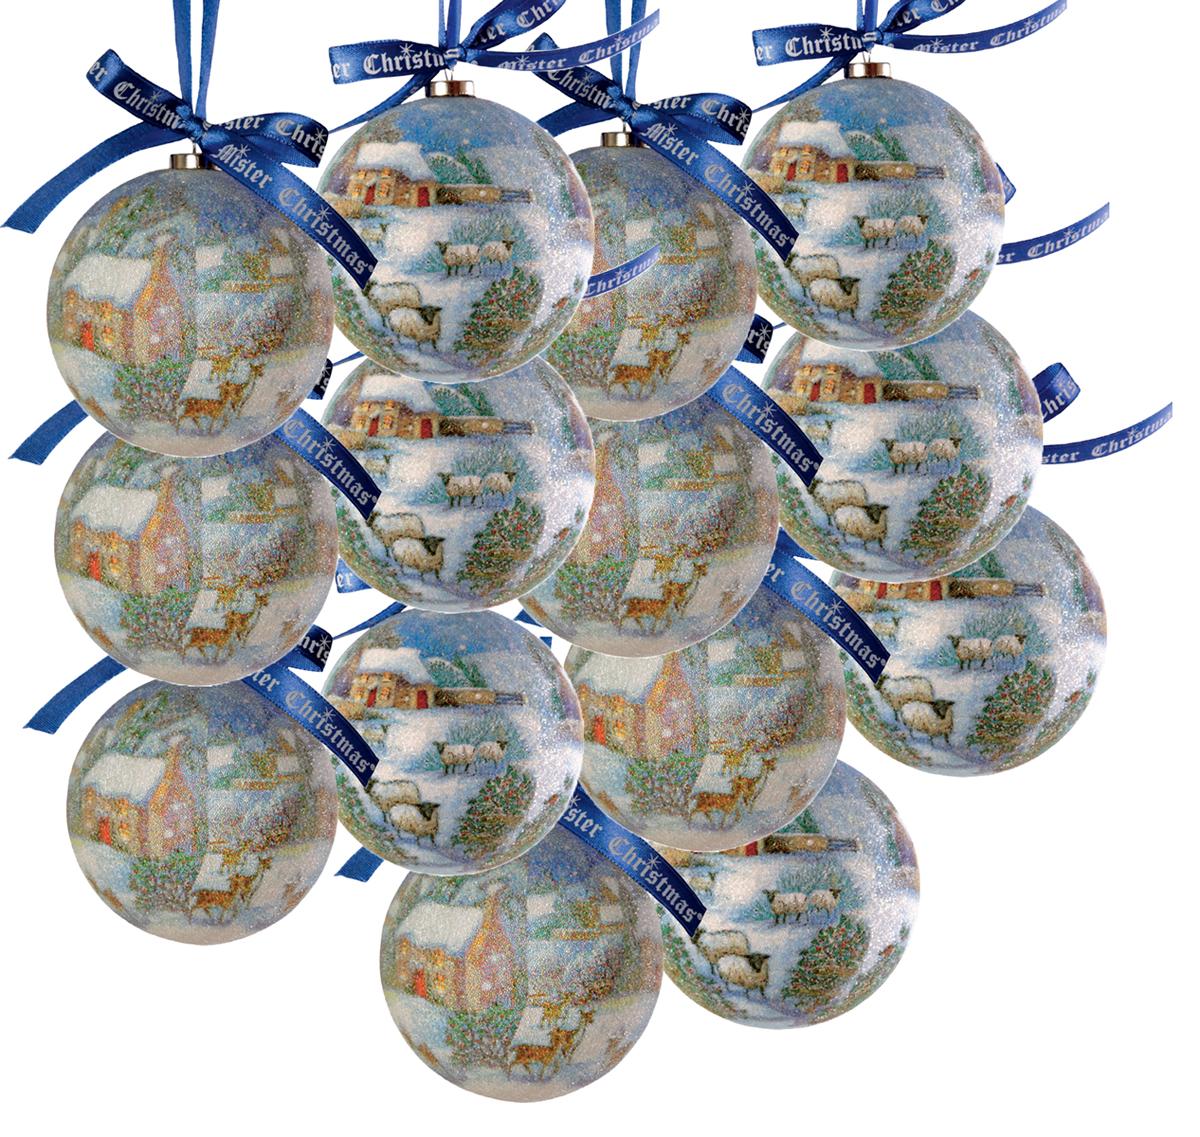 Набор новогодних подвесных украшений Mister Christmas Папье-маше, диаметр 7,5 см, 14 шт. PM-12-14 украшение новогоднее подвесное mister christmas папье маше диаметр 7 5 см pm 15 1t